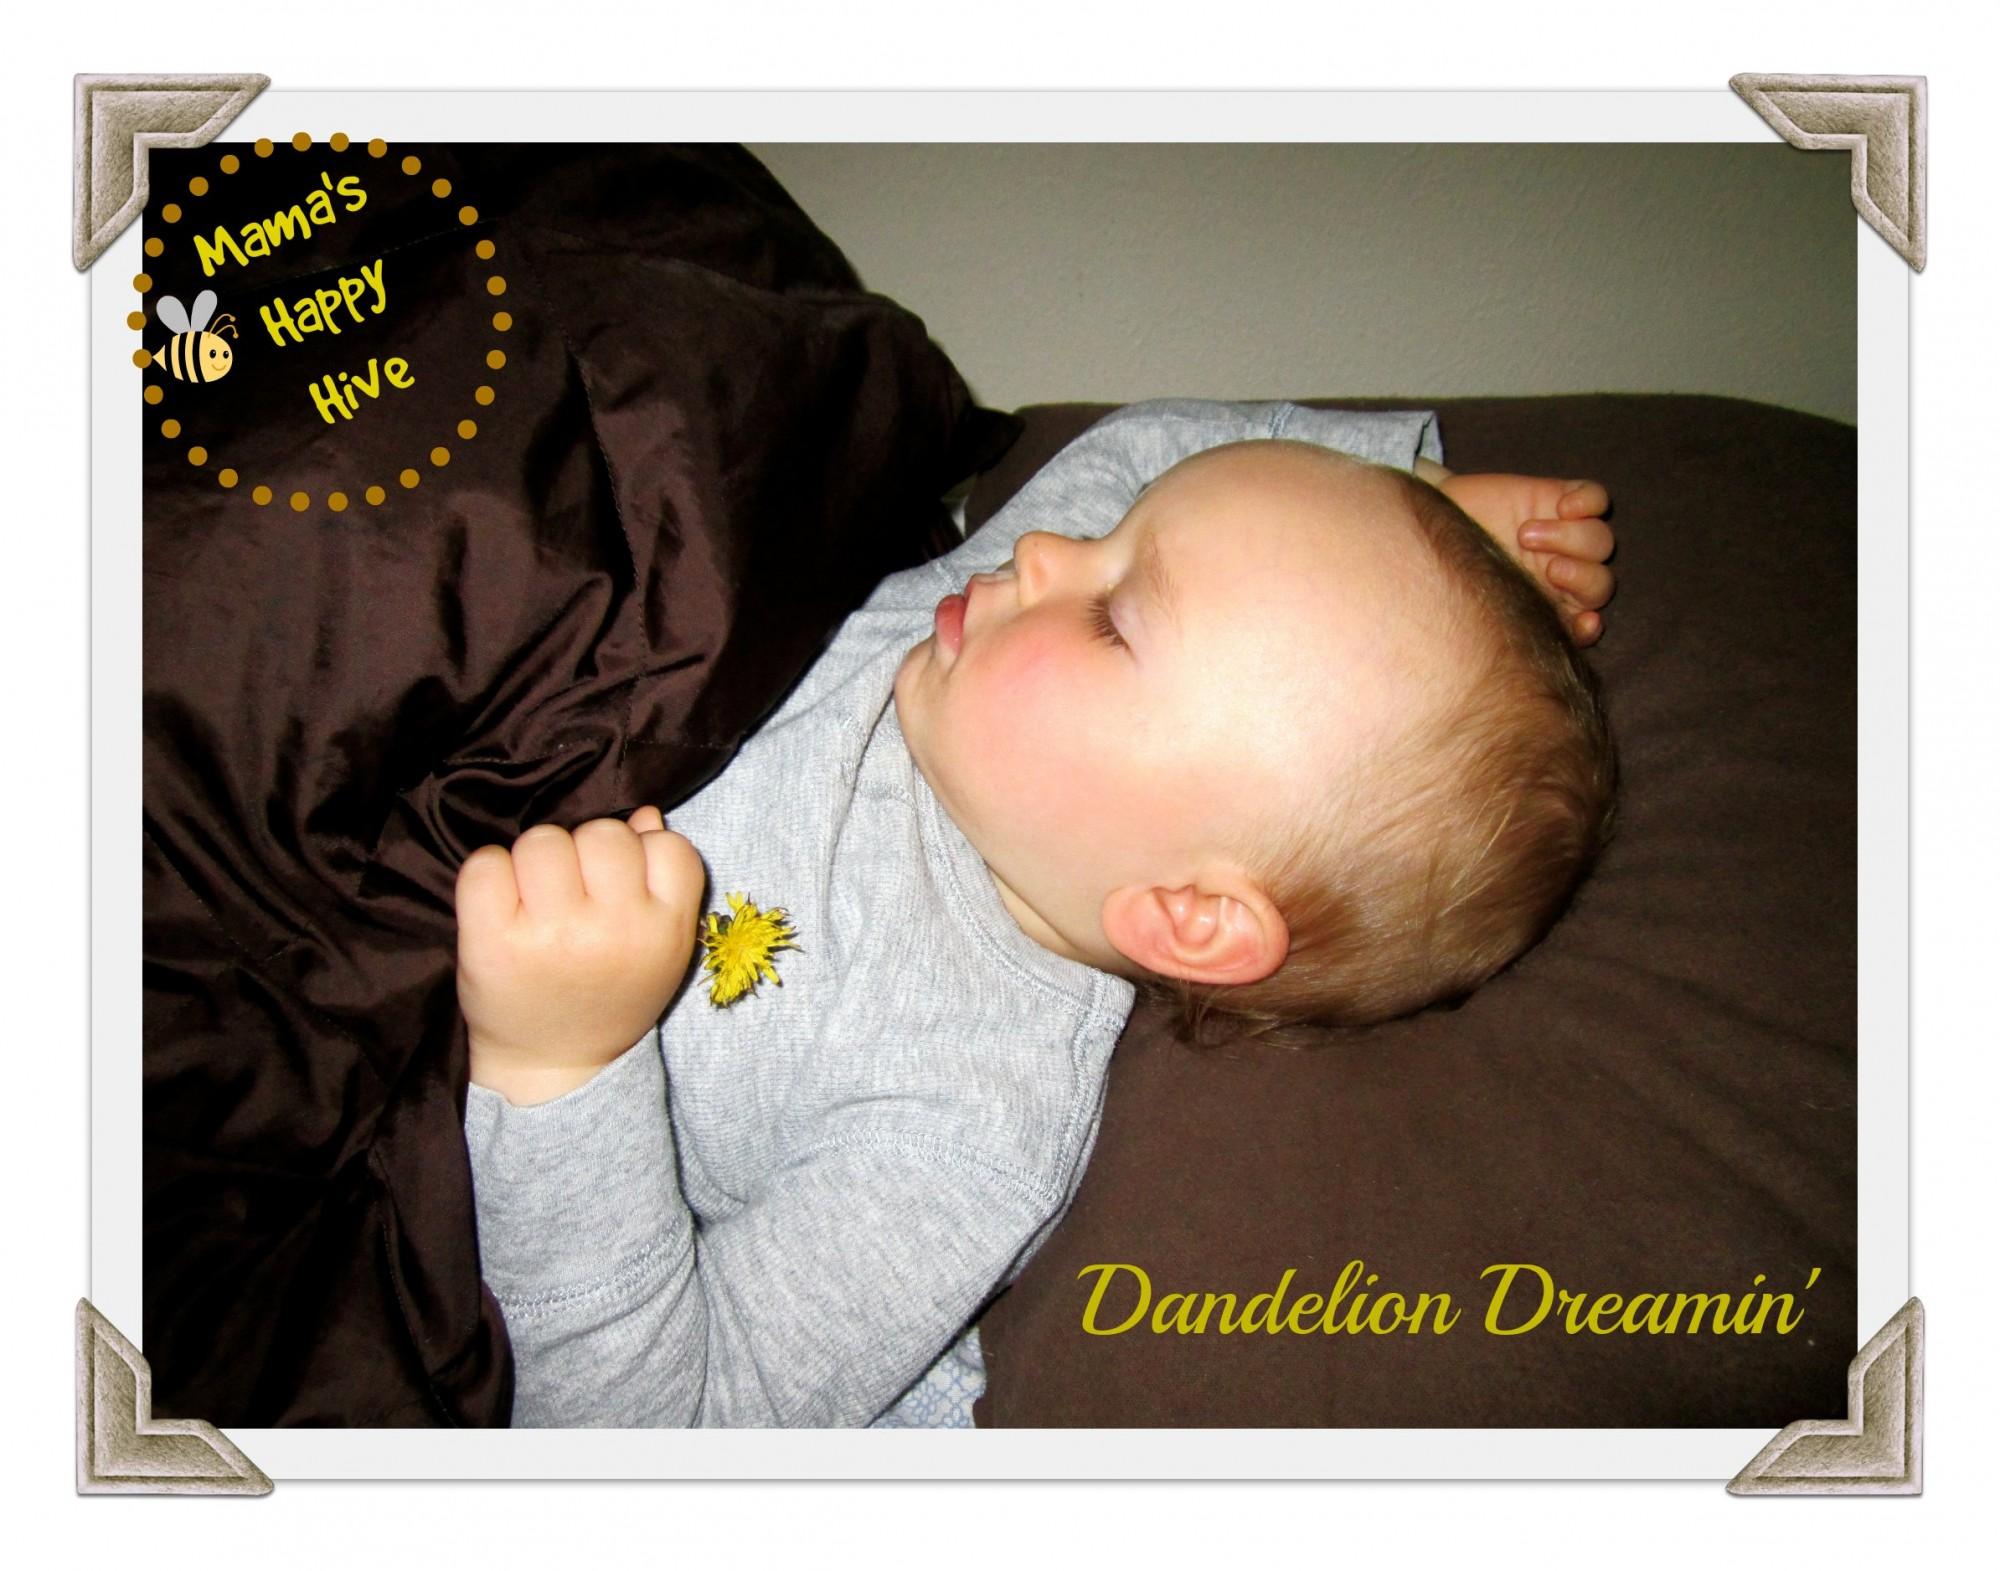 Dandelion Dreamin'